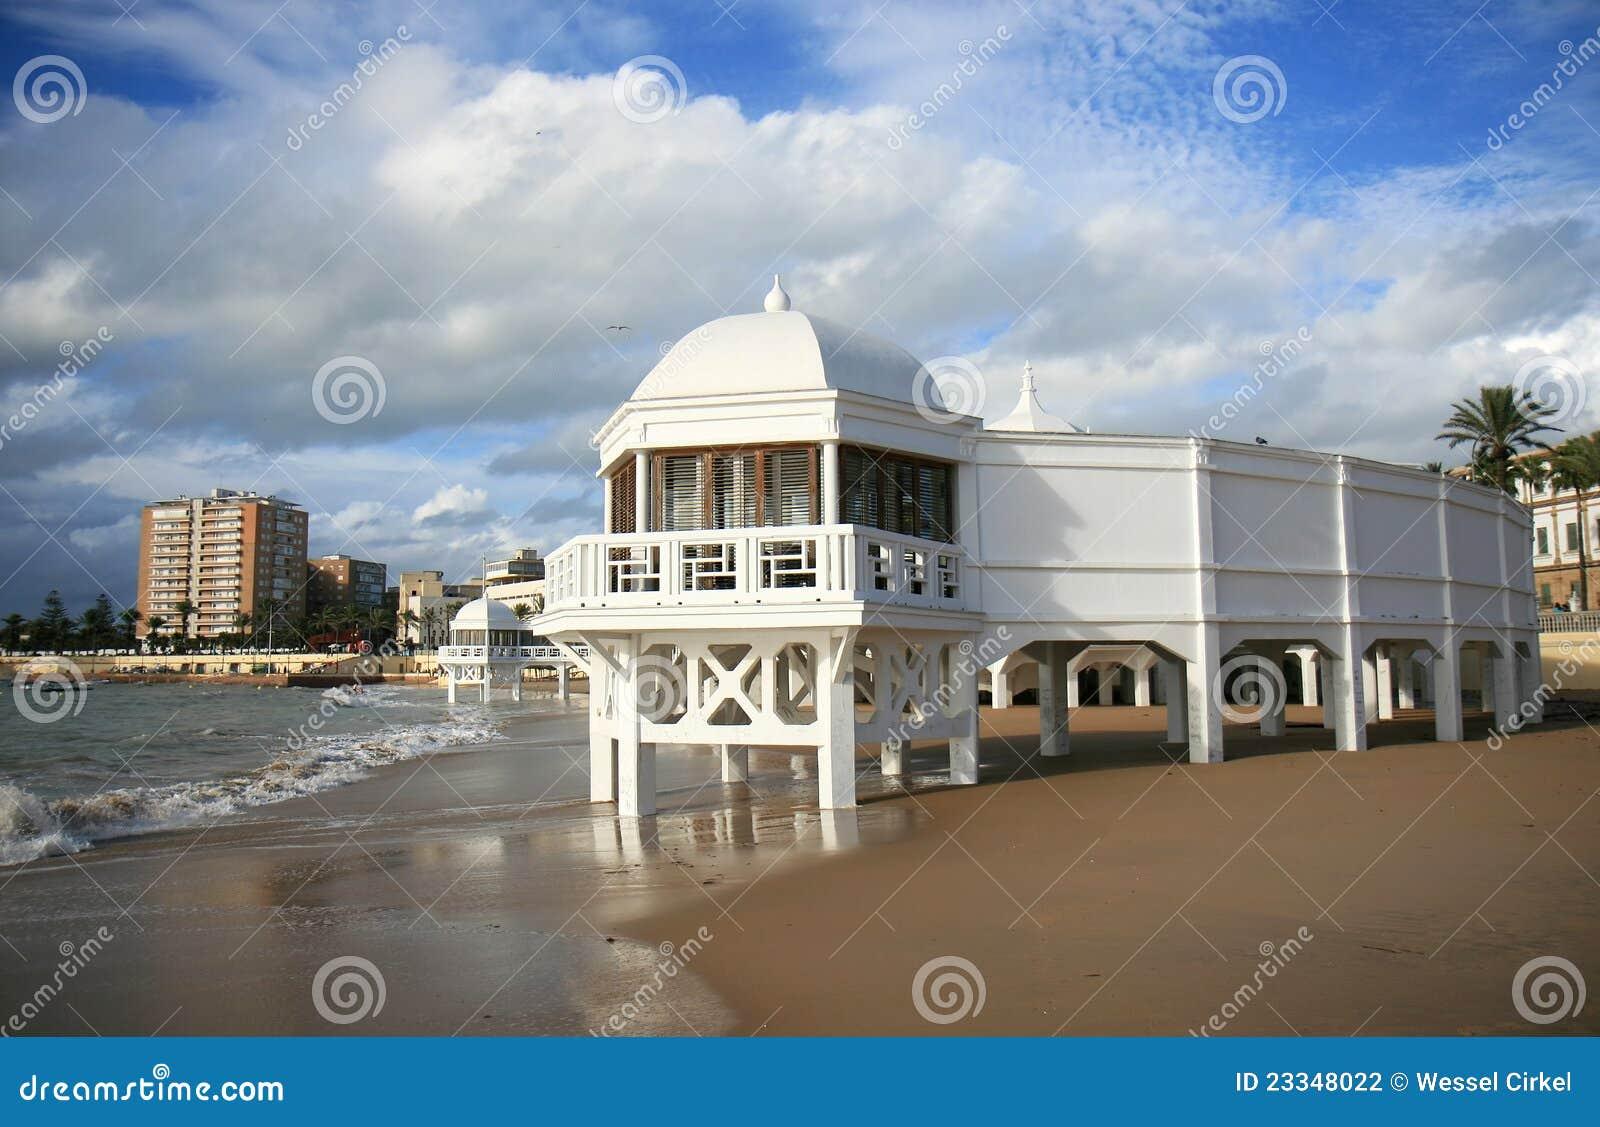 Bagni Antichi Alla Spiaggia Di Caleta Di Cadice, Spagna Fotografia Stock - Im...